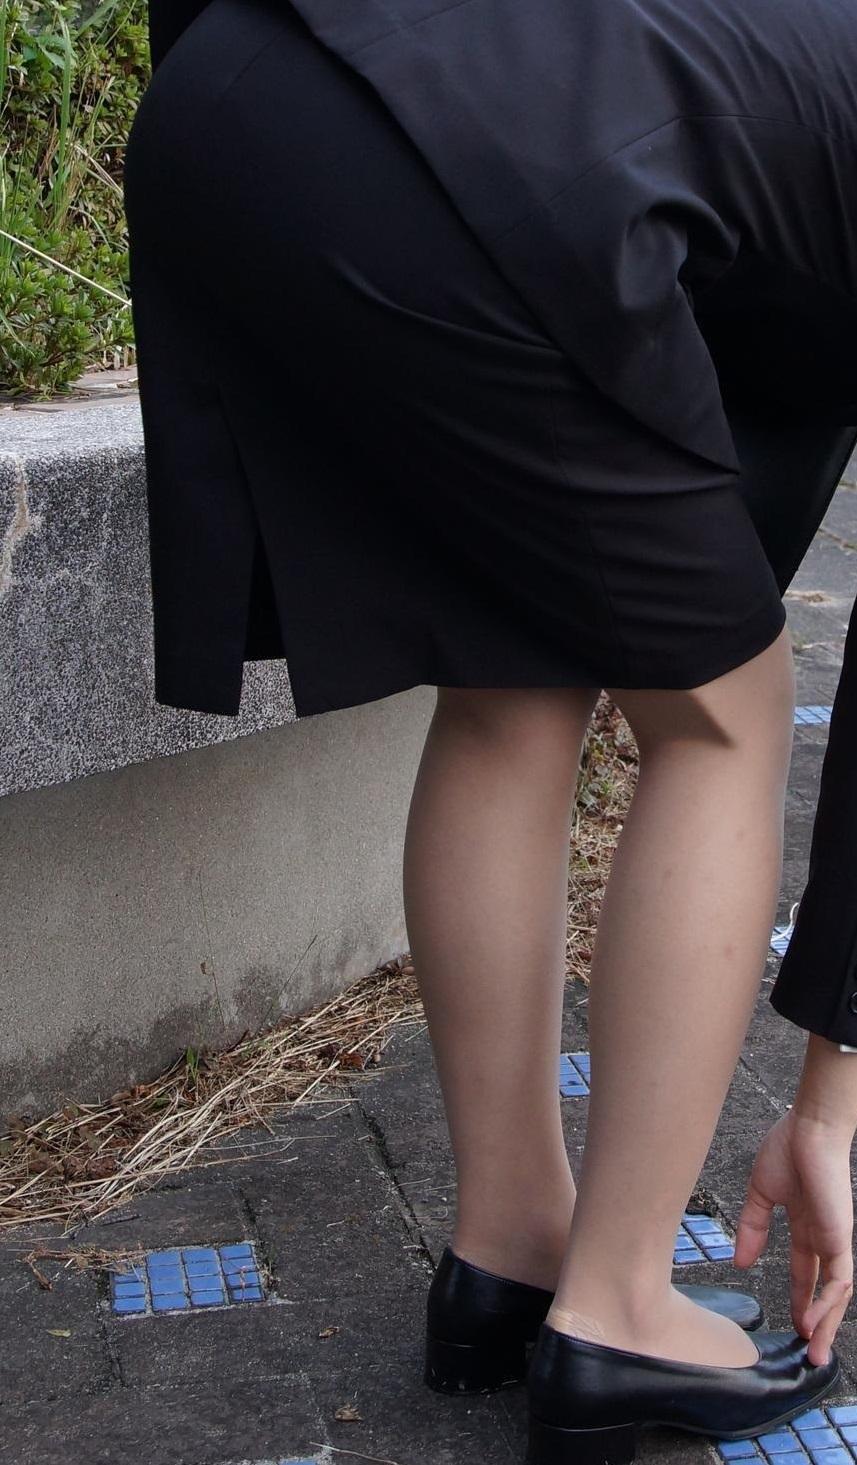 スタイル抜群の就活OLの後ろ姿を盗撮したエロ画像10枚目